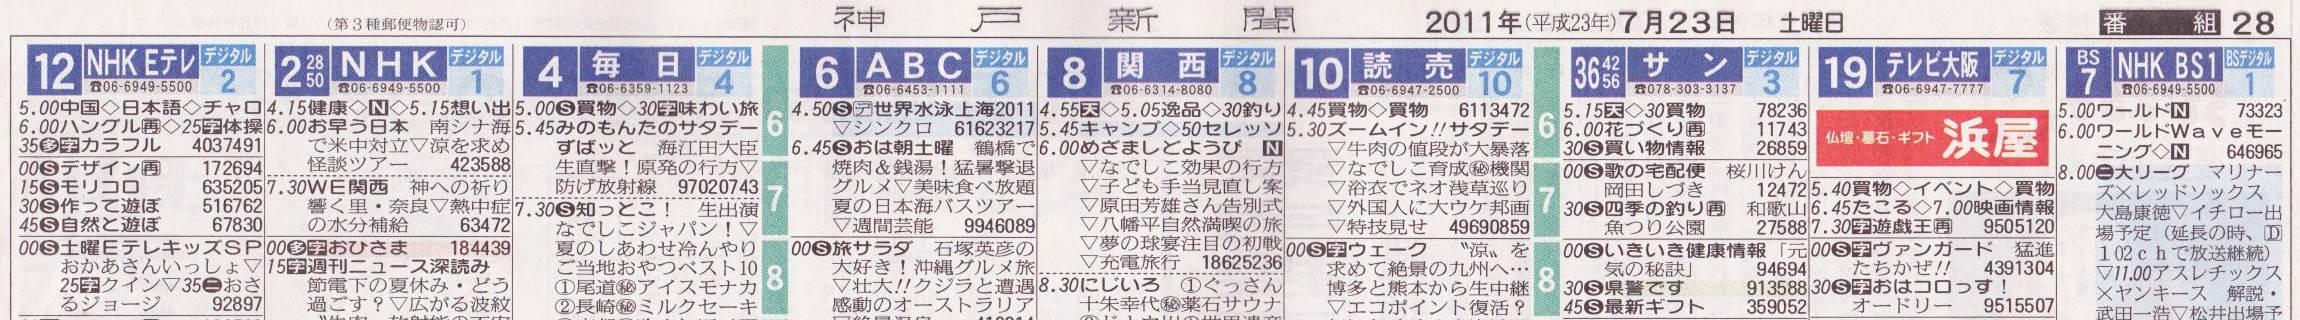 大阪 テレビ 欄